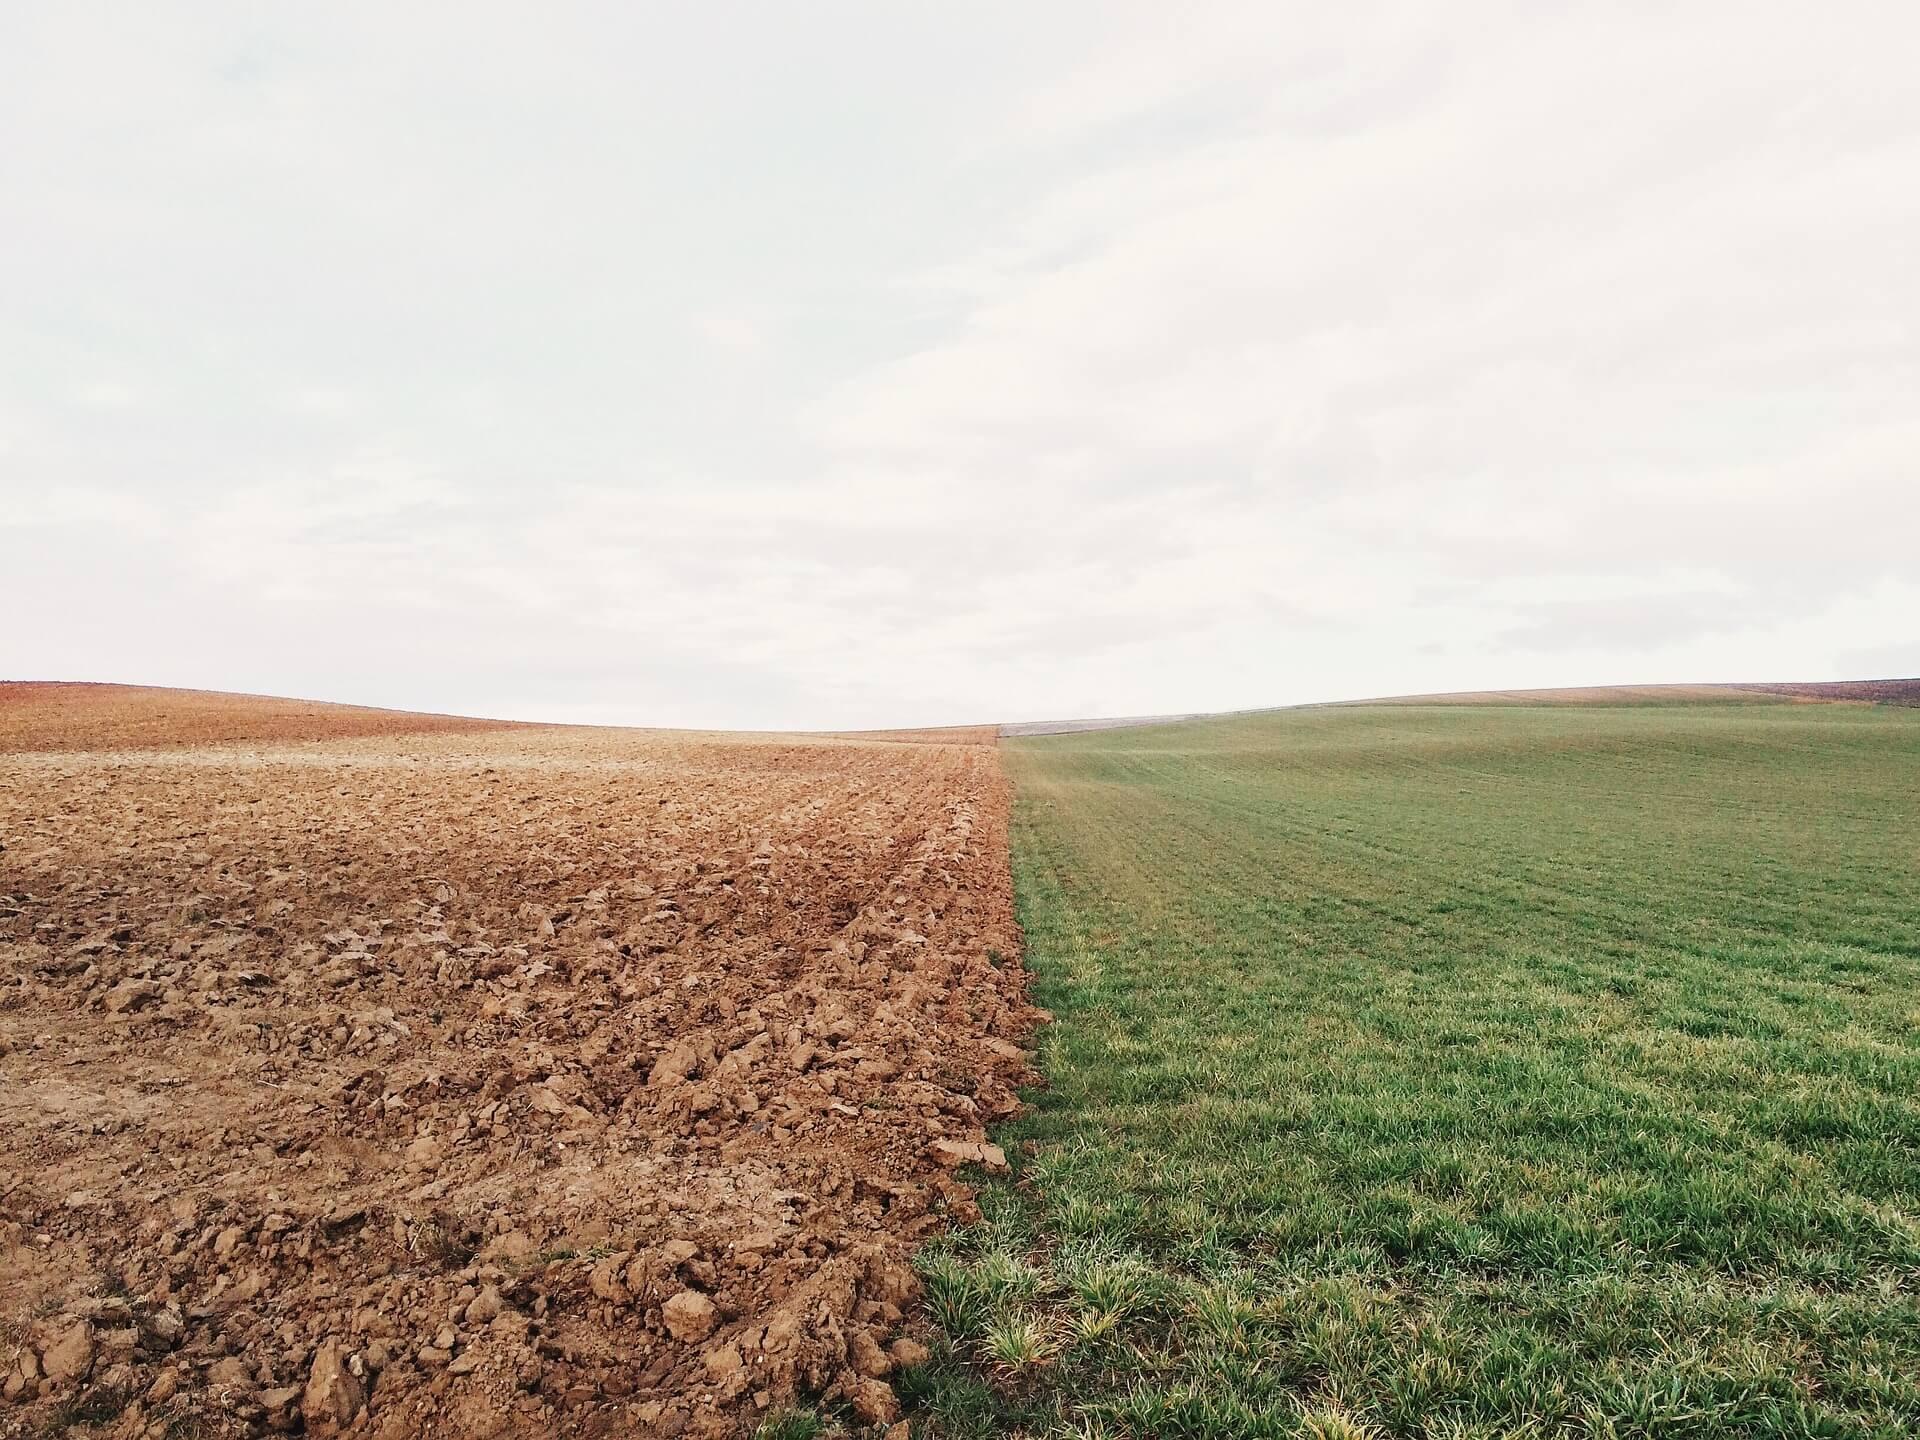 Gott geht mit uns an letzte Grenzen. Bild einer Ackergrenze